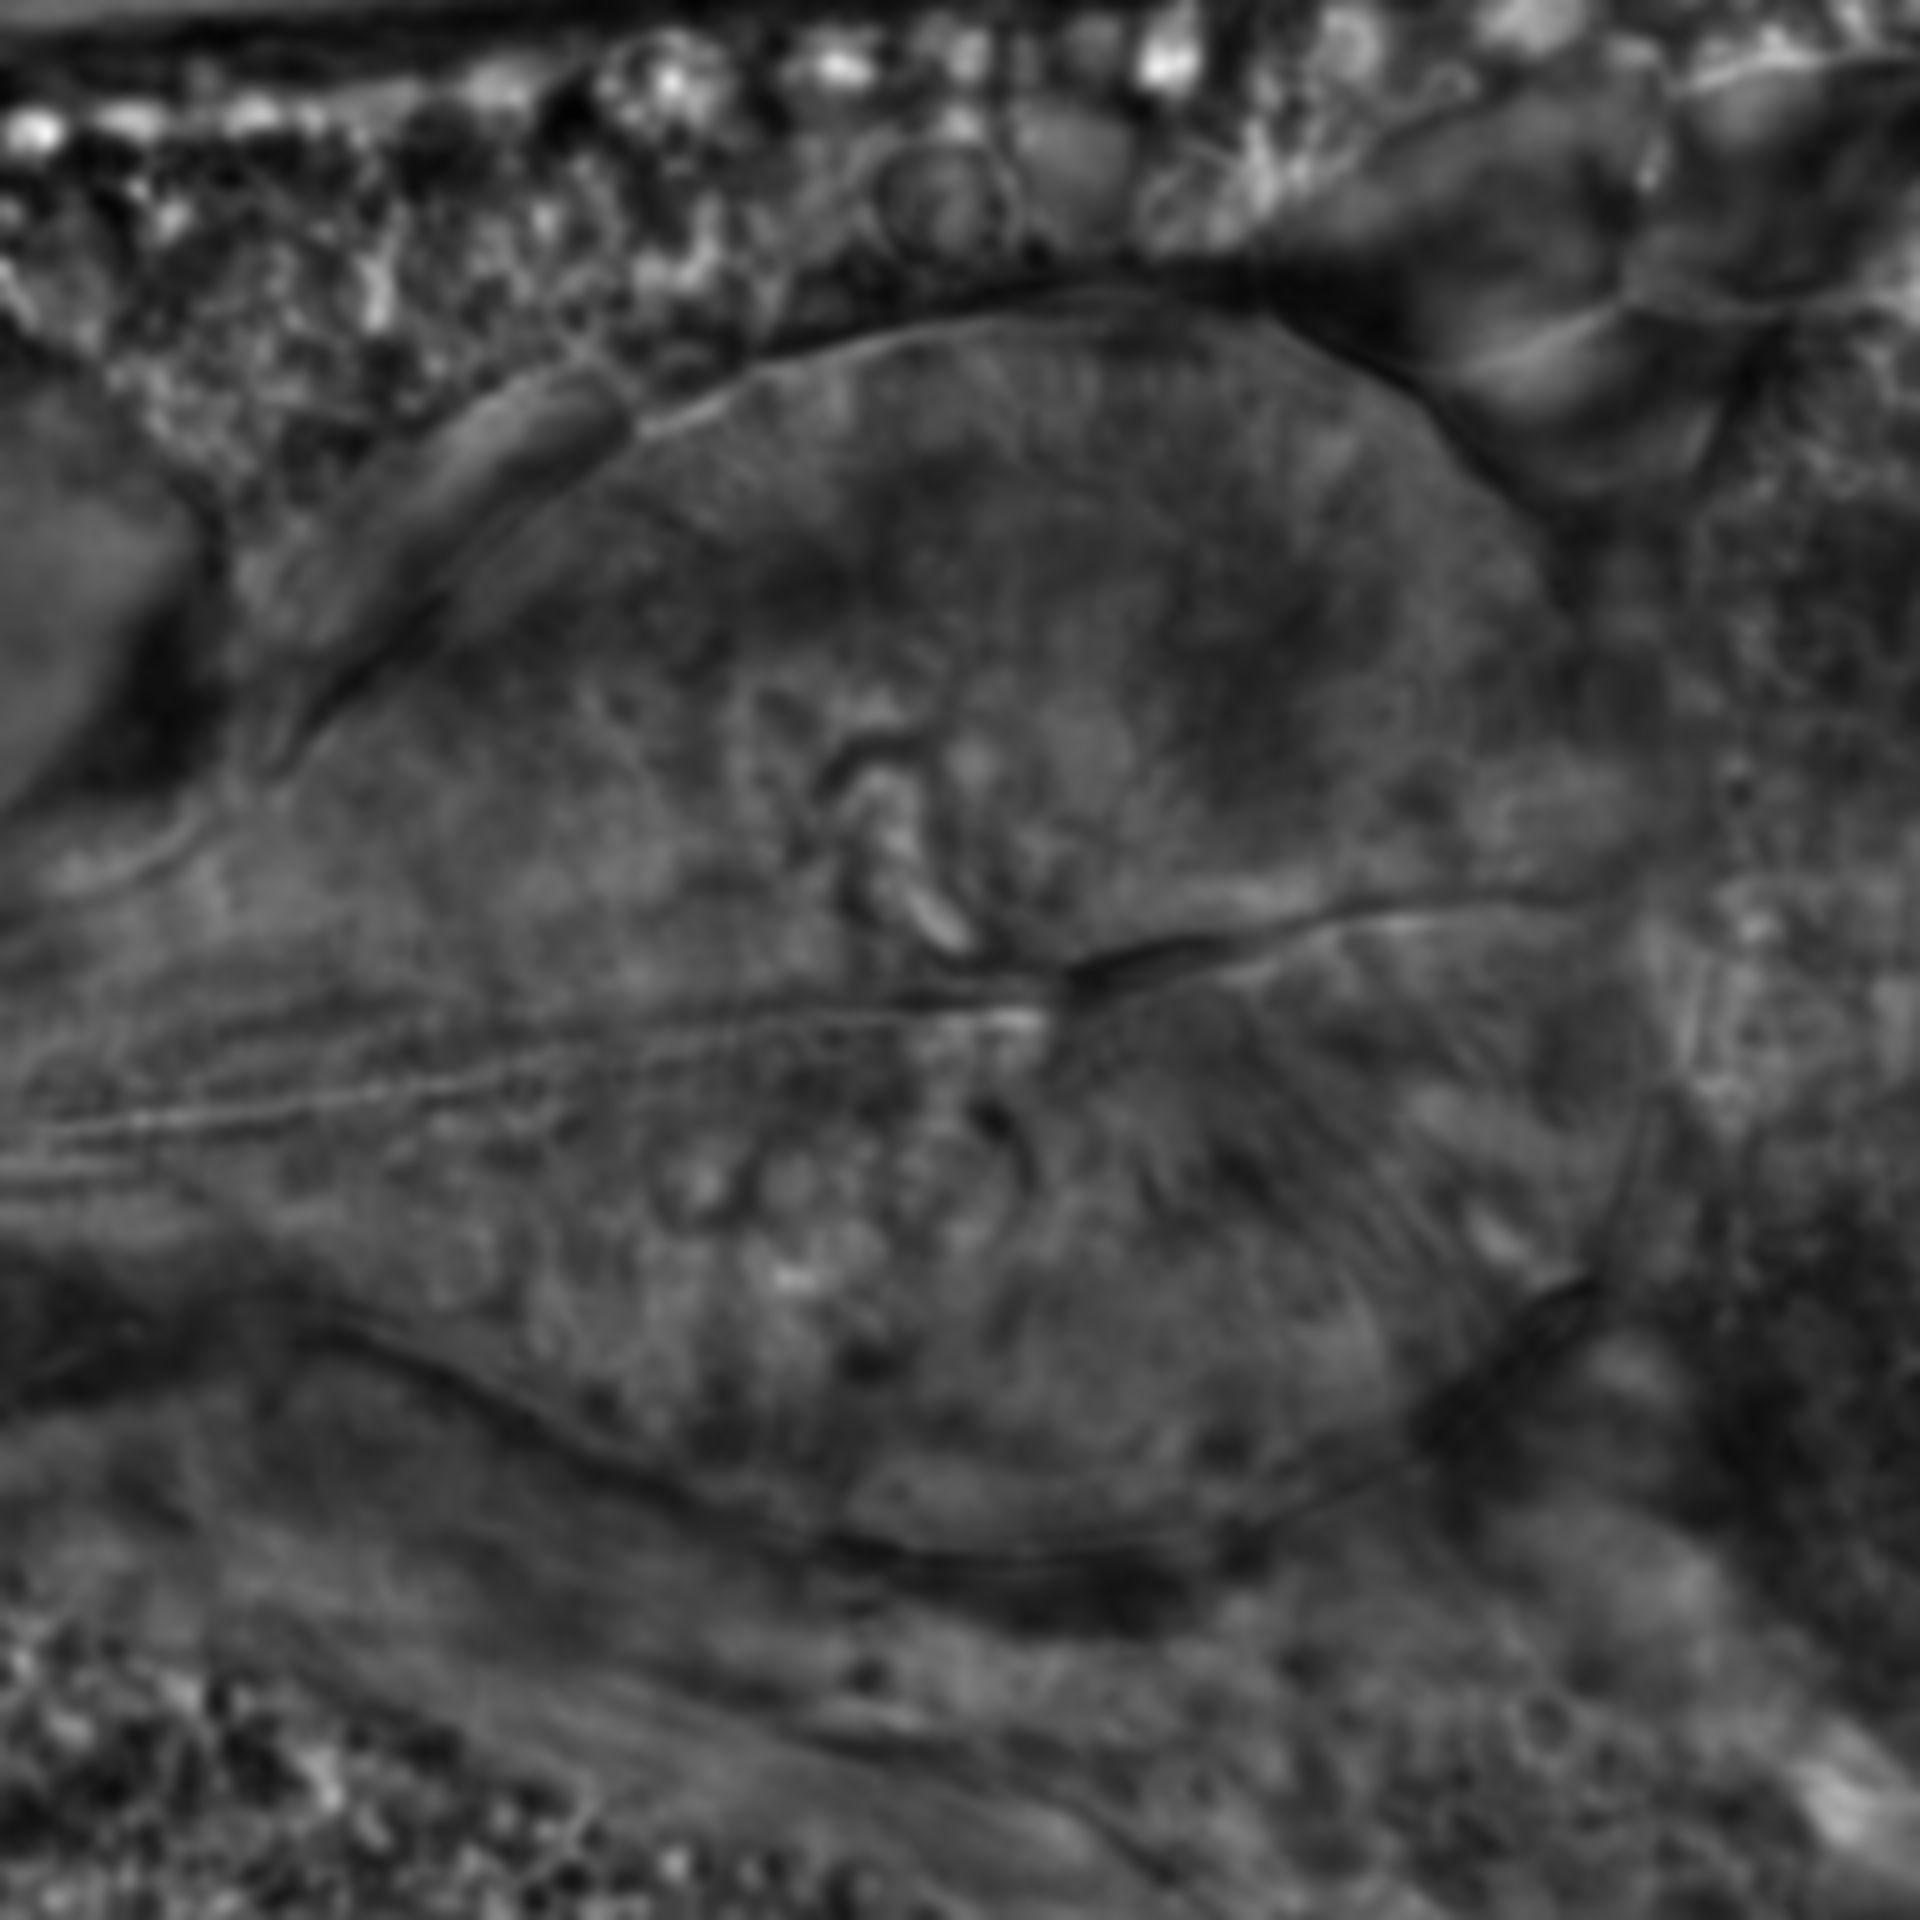 Caenorhabditis elegans - CIL:2157